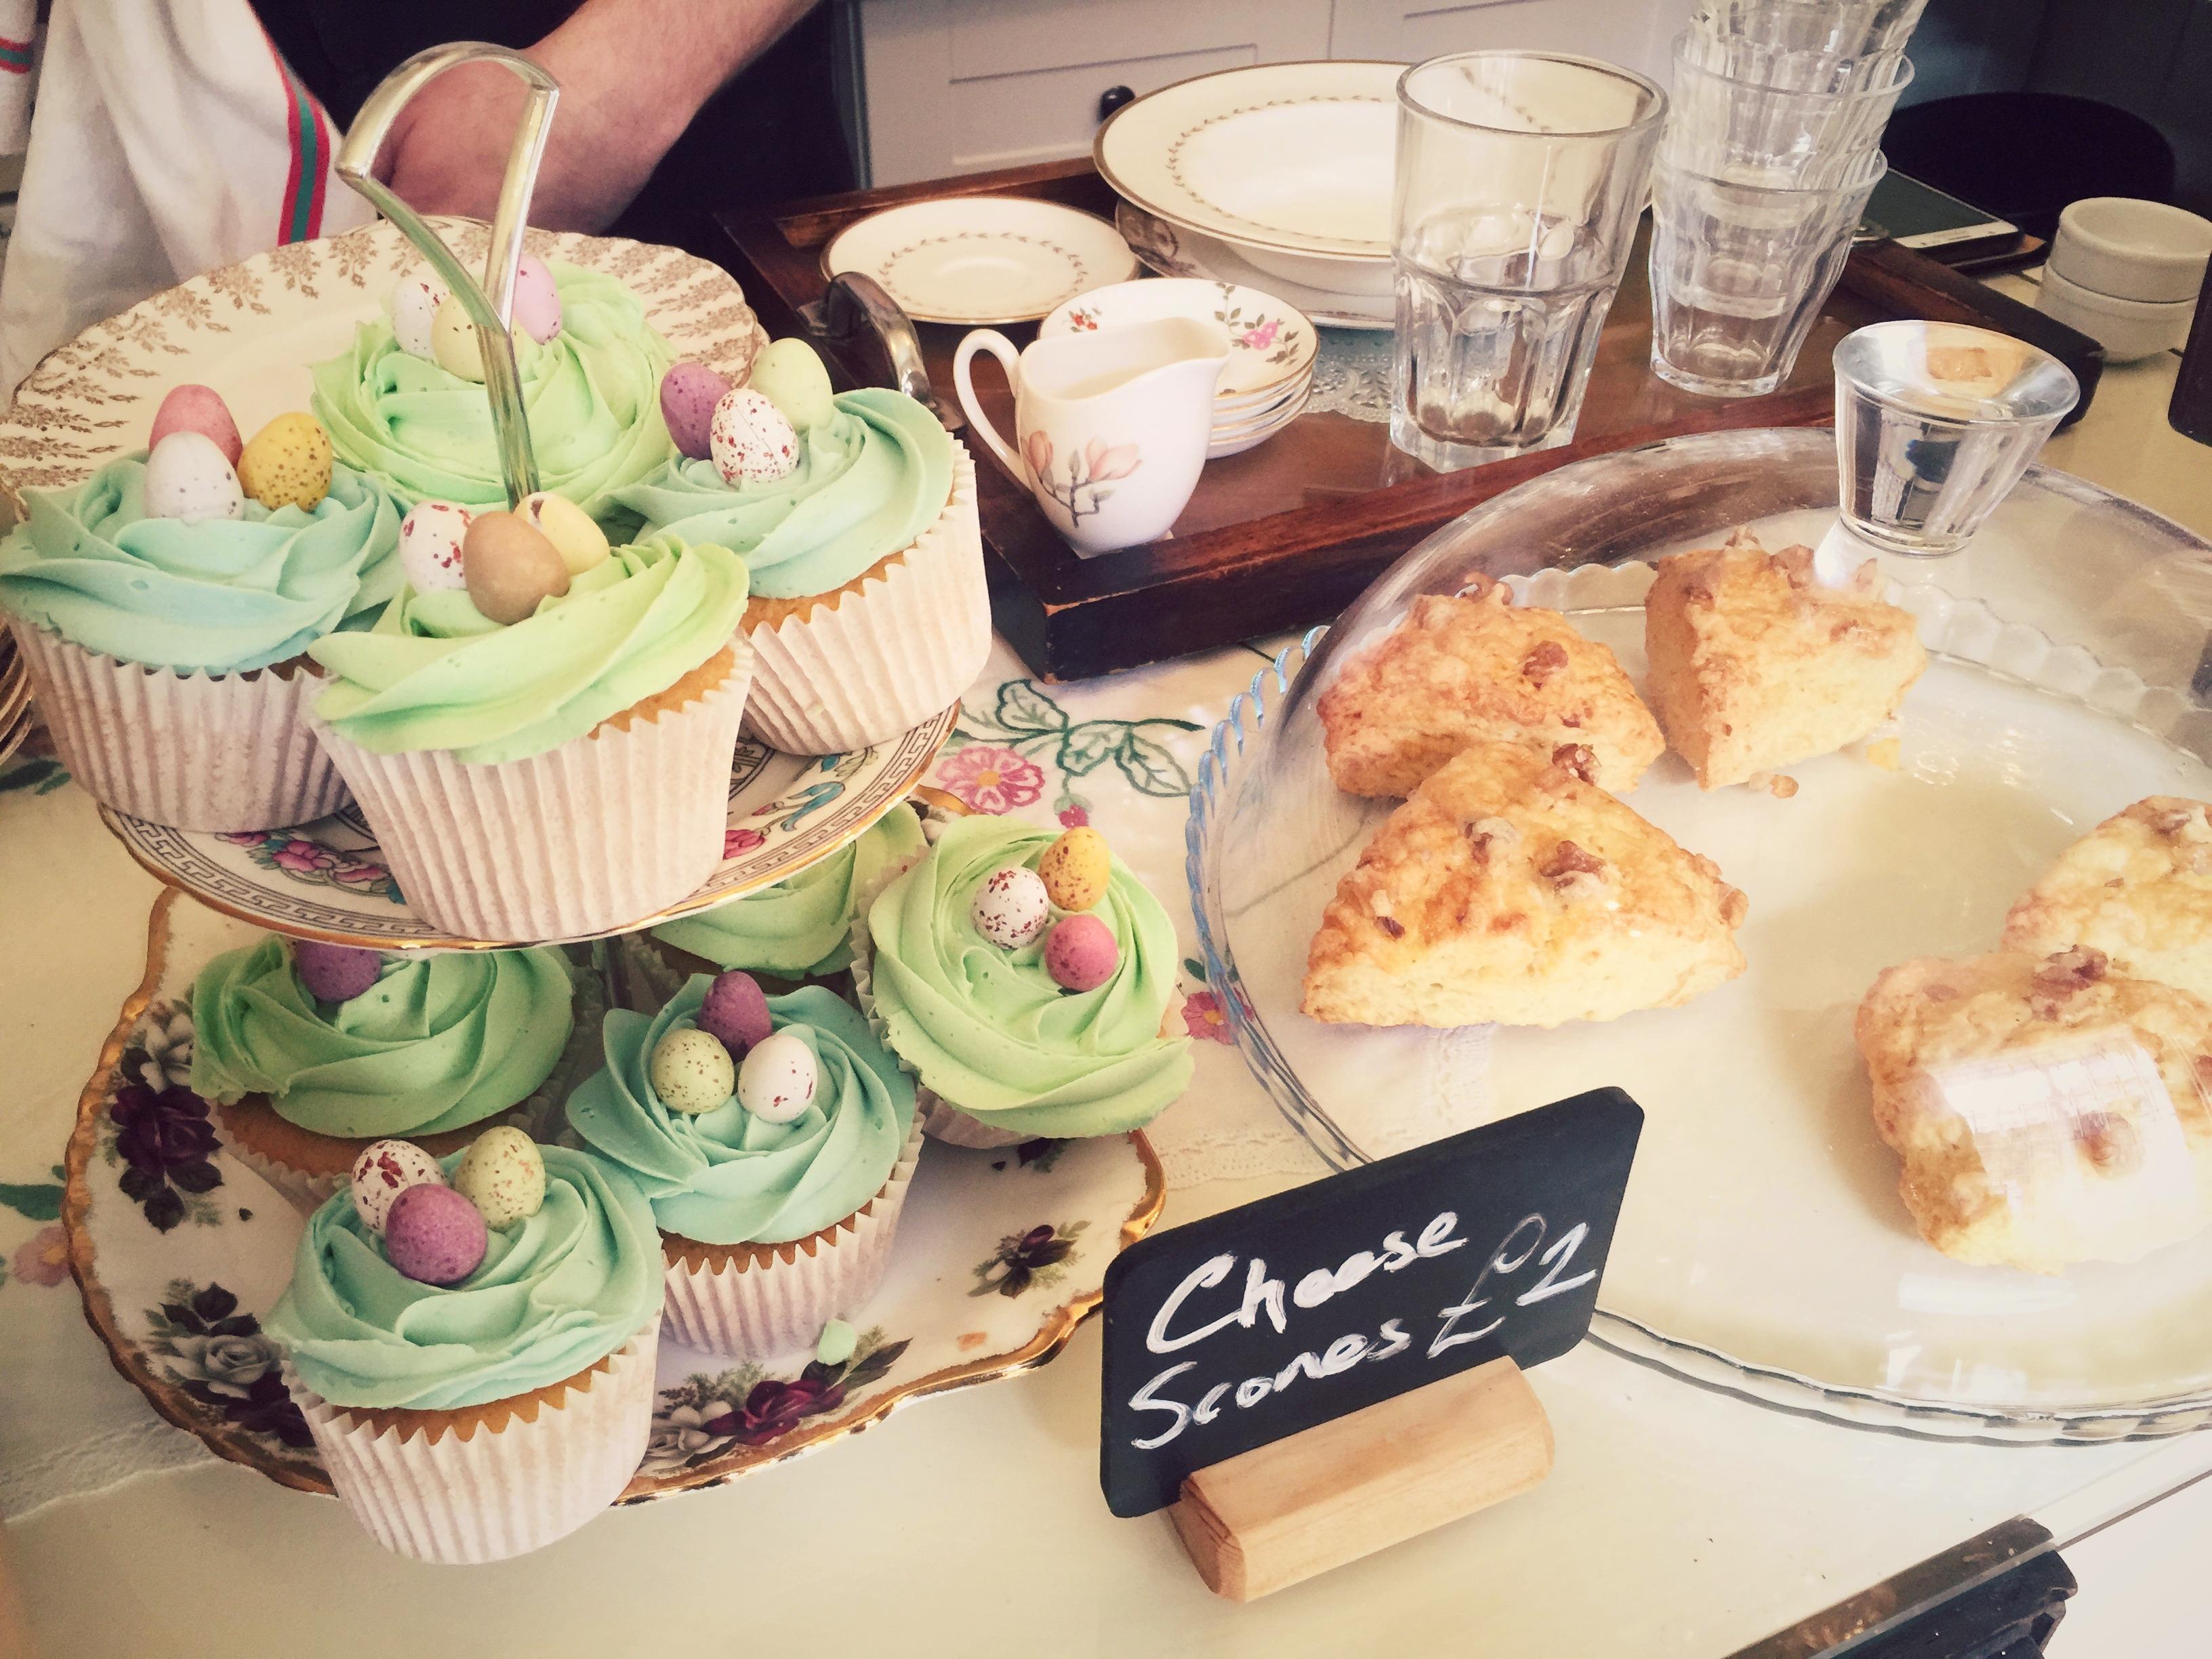 cupcakes-scones